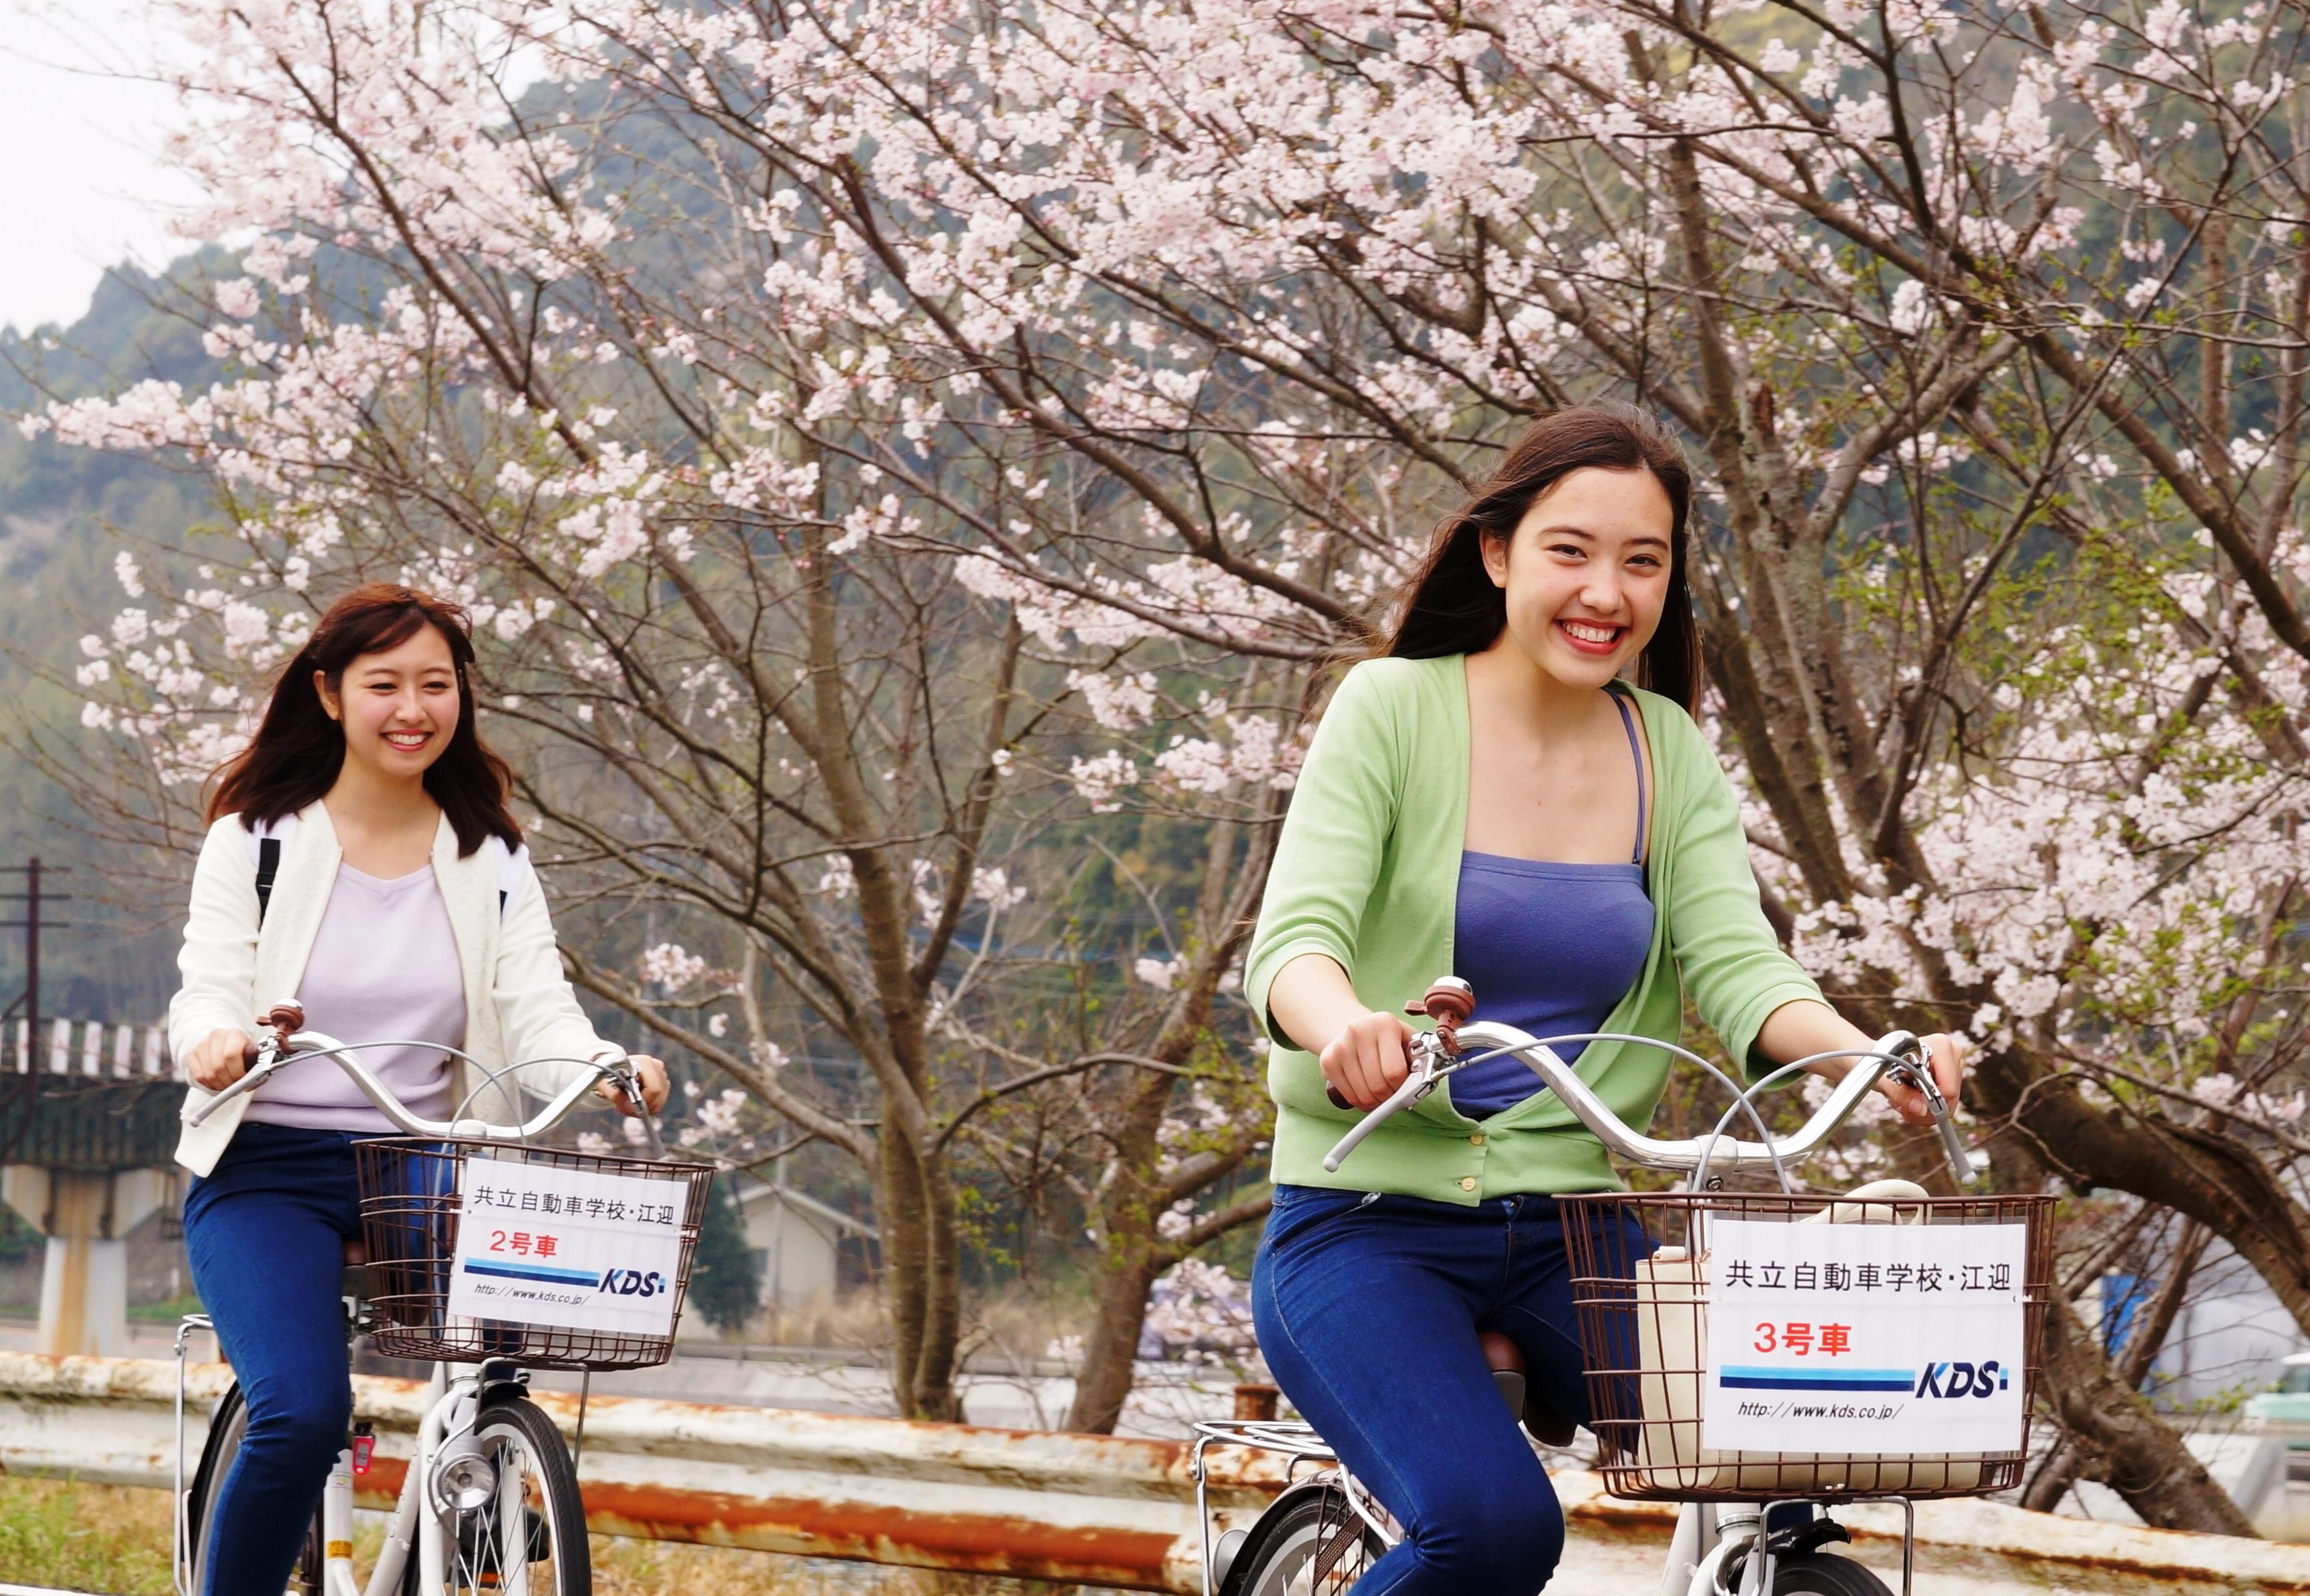 レンタサイクル 無料 自転車